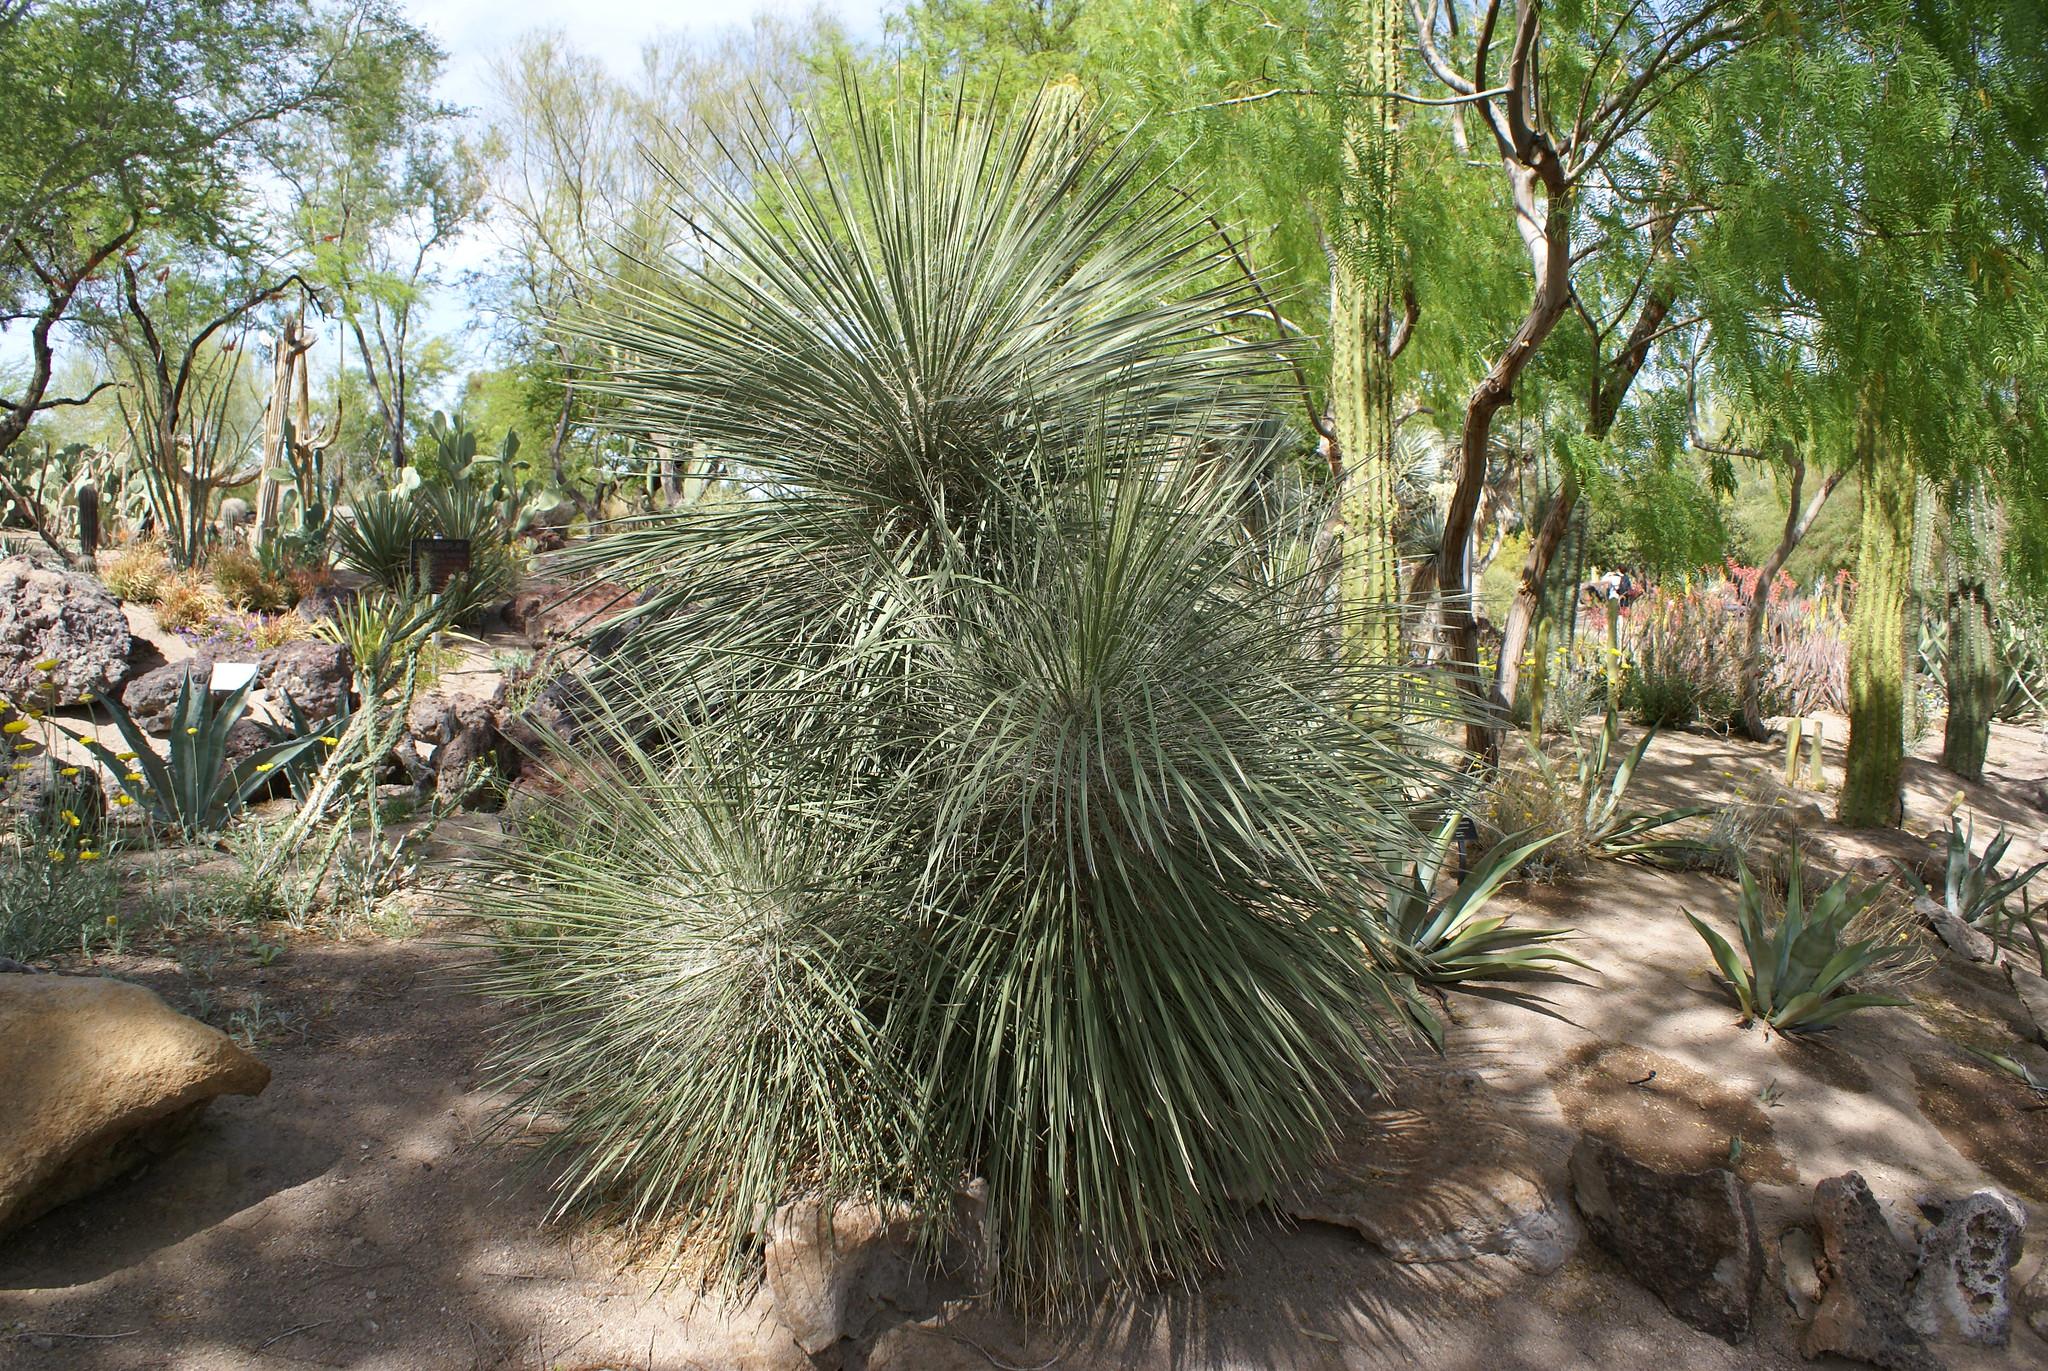 Ethel M Botanical Cactus Garden Ethel M Botanical Cactus G Flickr Photo Sharing